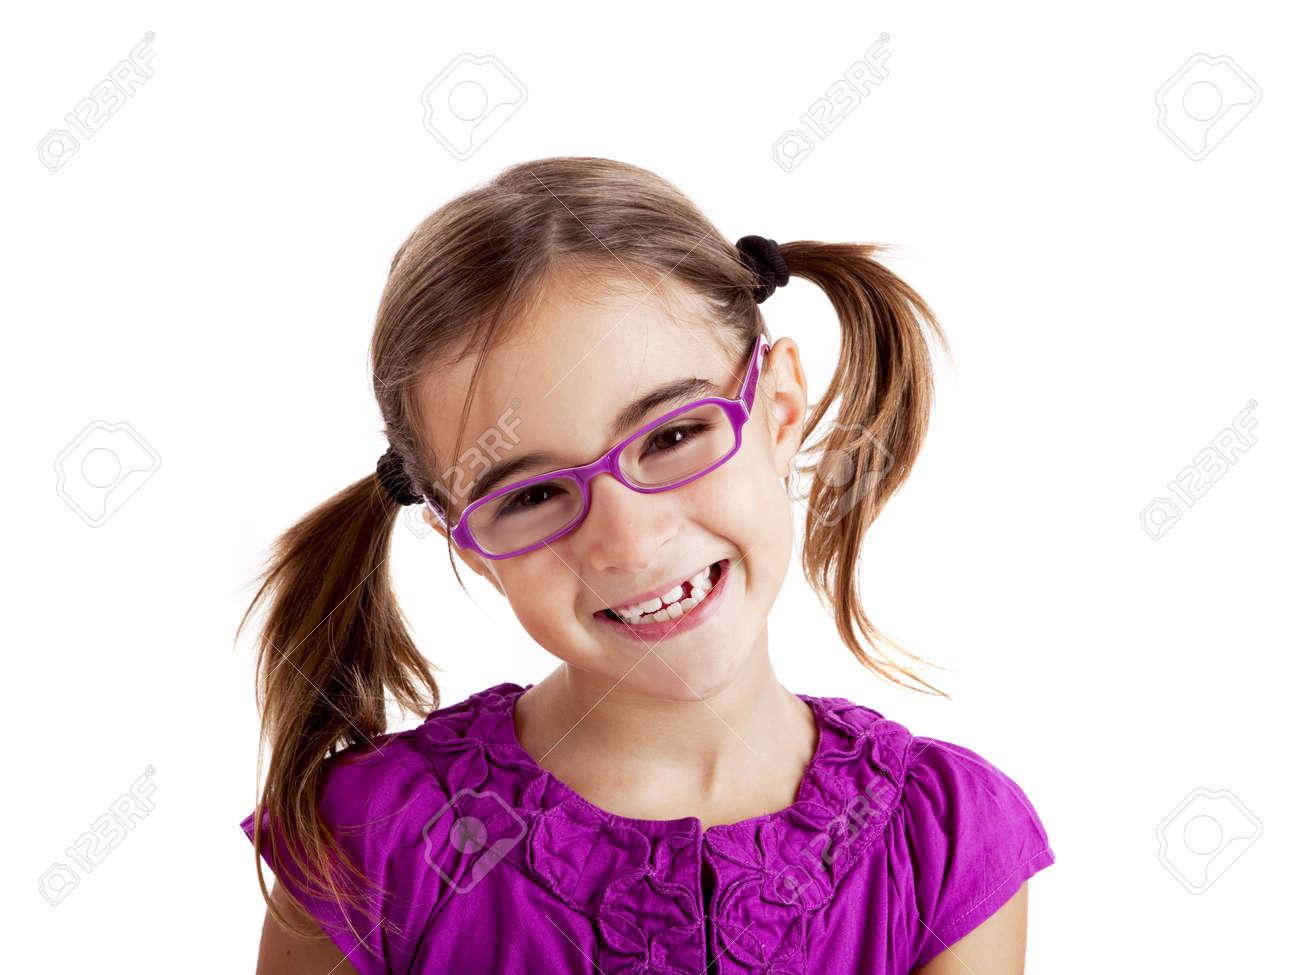 6a72575ca69047 Mooi meisje bril geïsoleerd op wit Stockfoto - 8307829